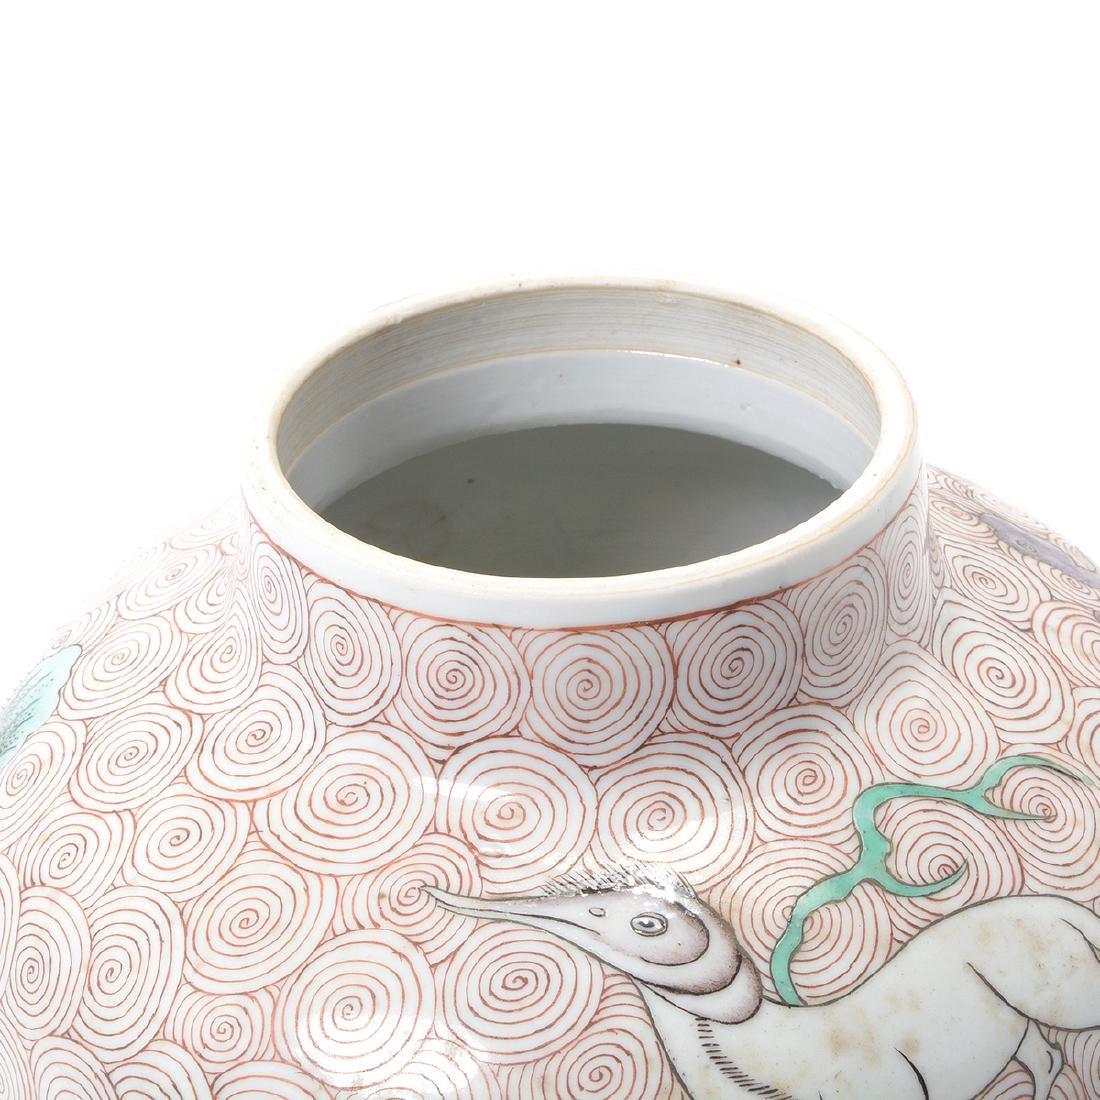 Famille Verte Covered Jar, Kangxi Period - 5